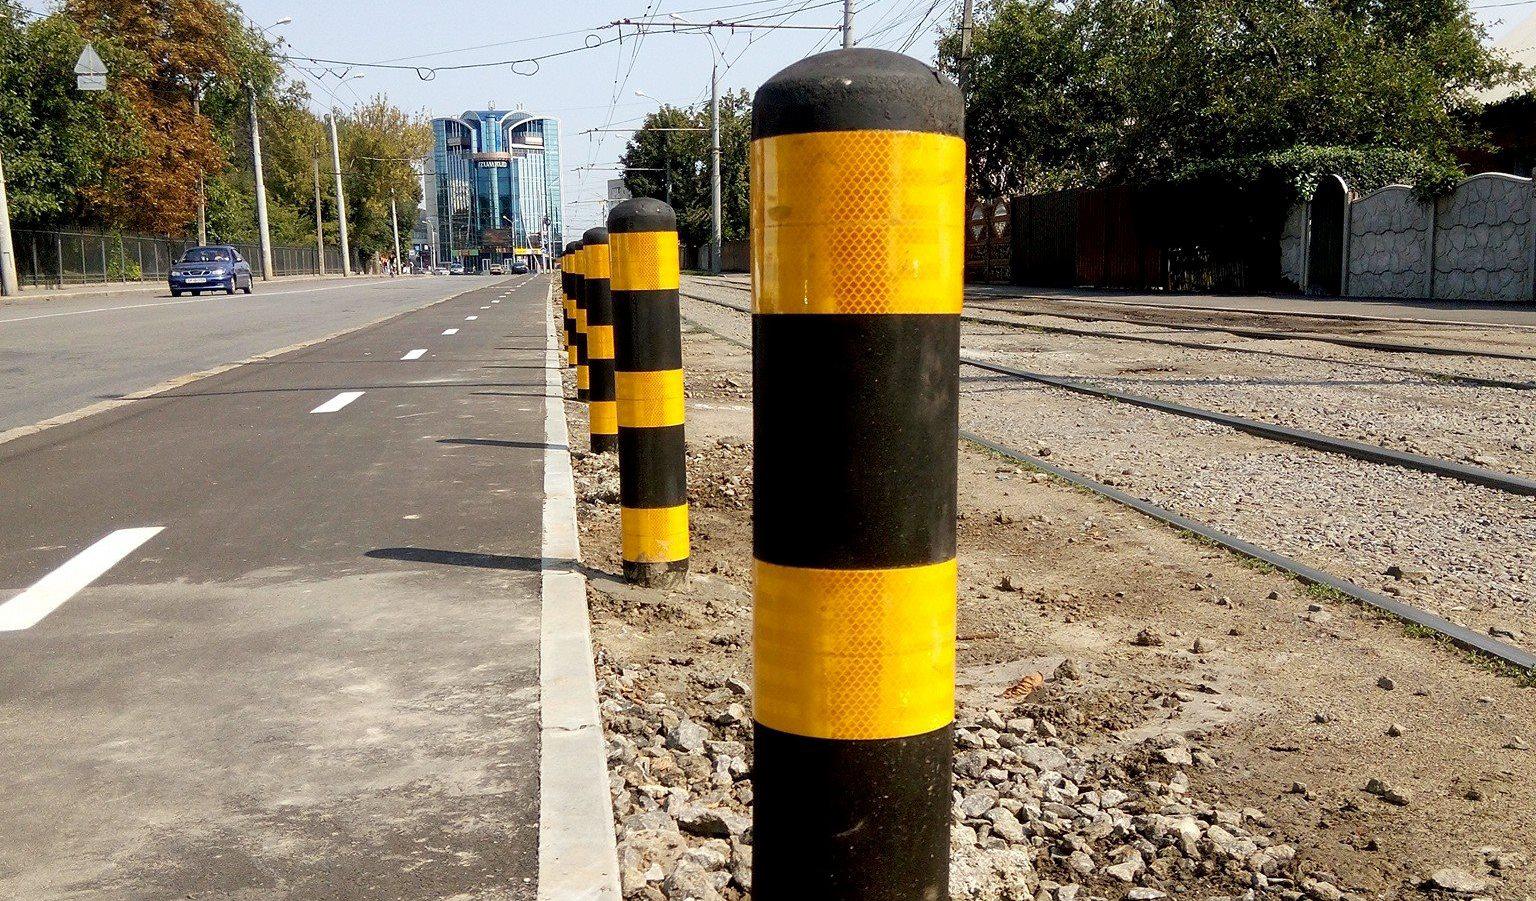 Гумовий захист: у Вінниці в тестовому режимі встановили «стовпчики безпеки» для велосипедистів